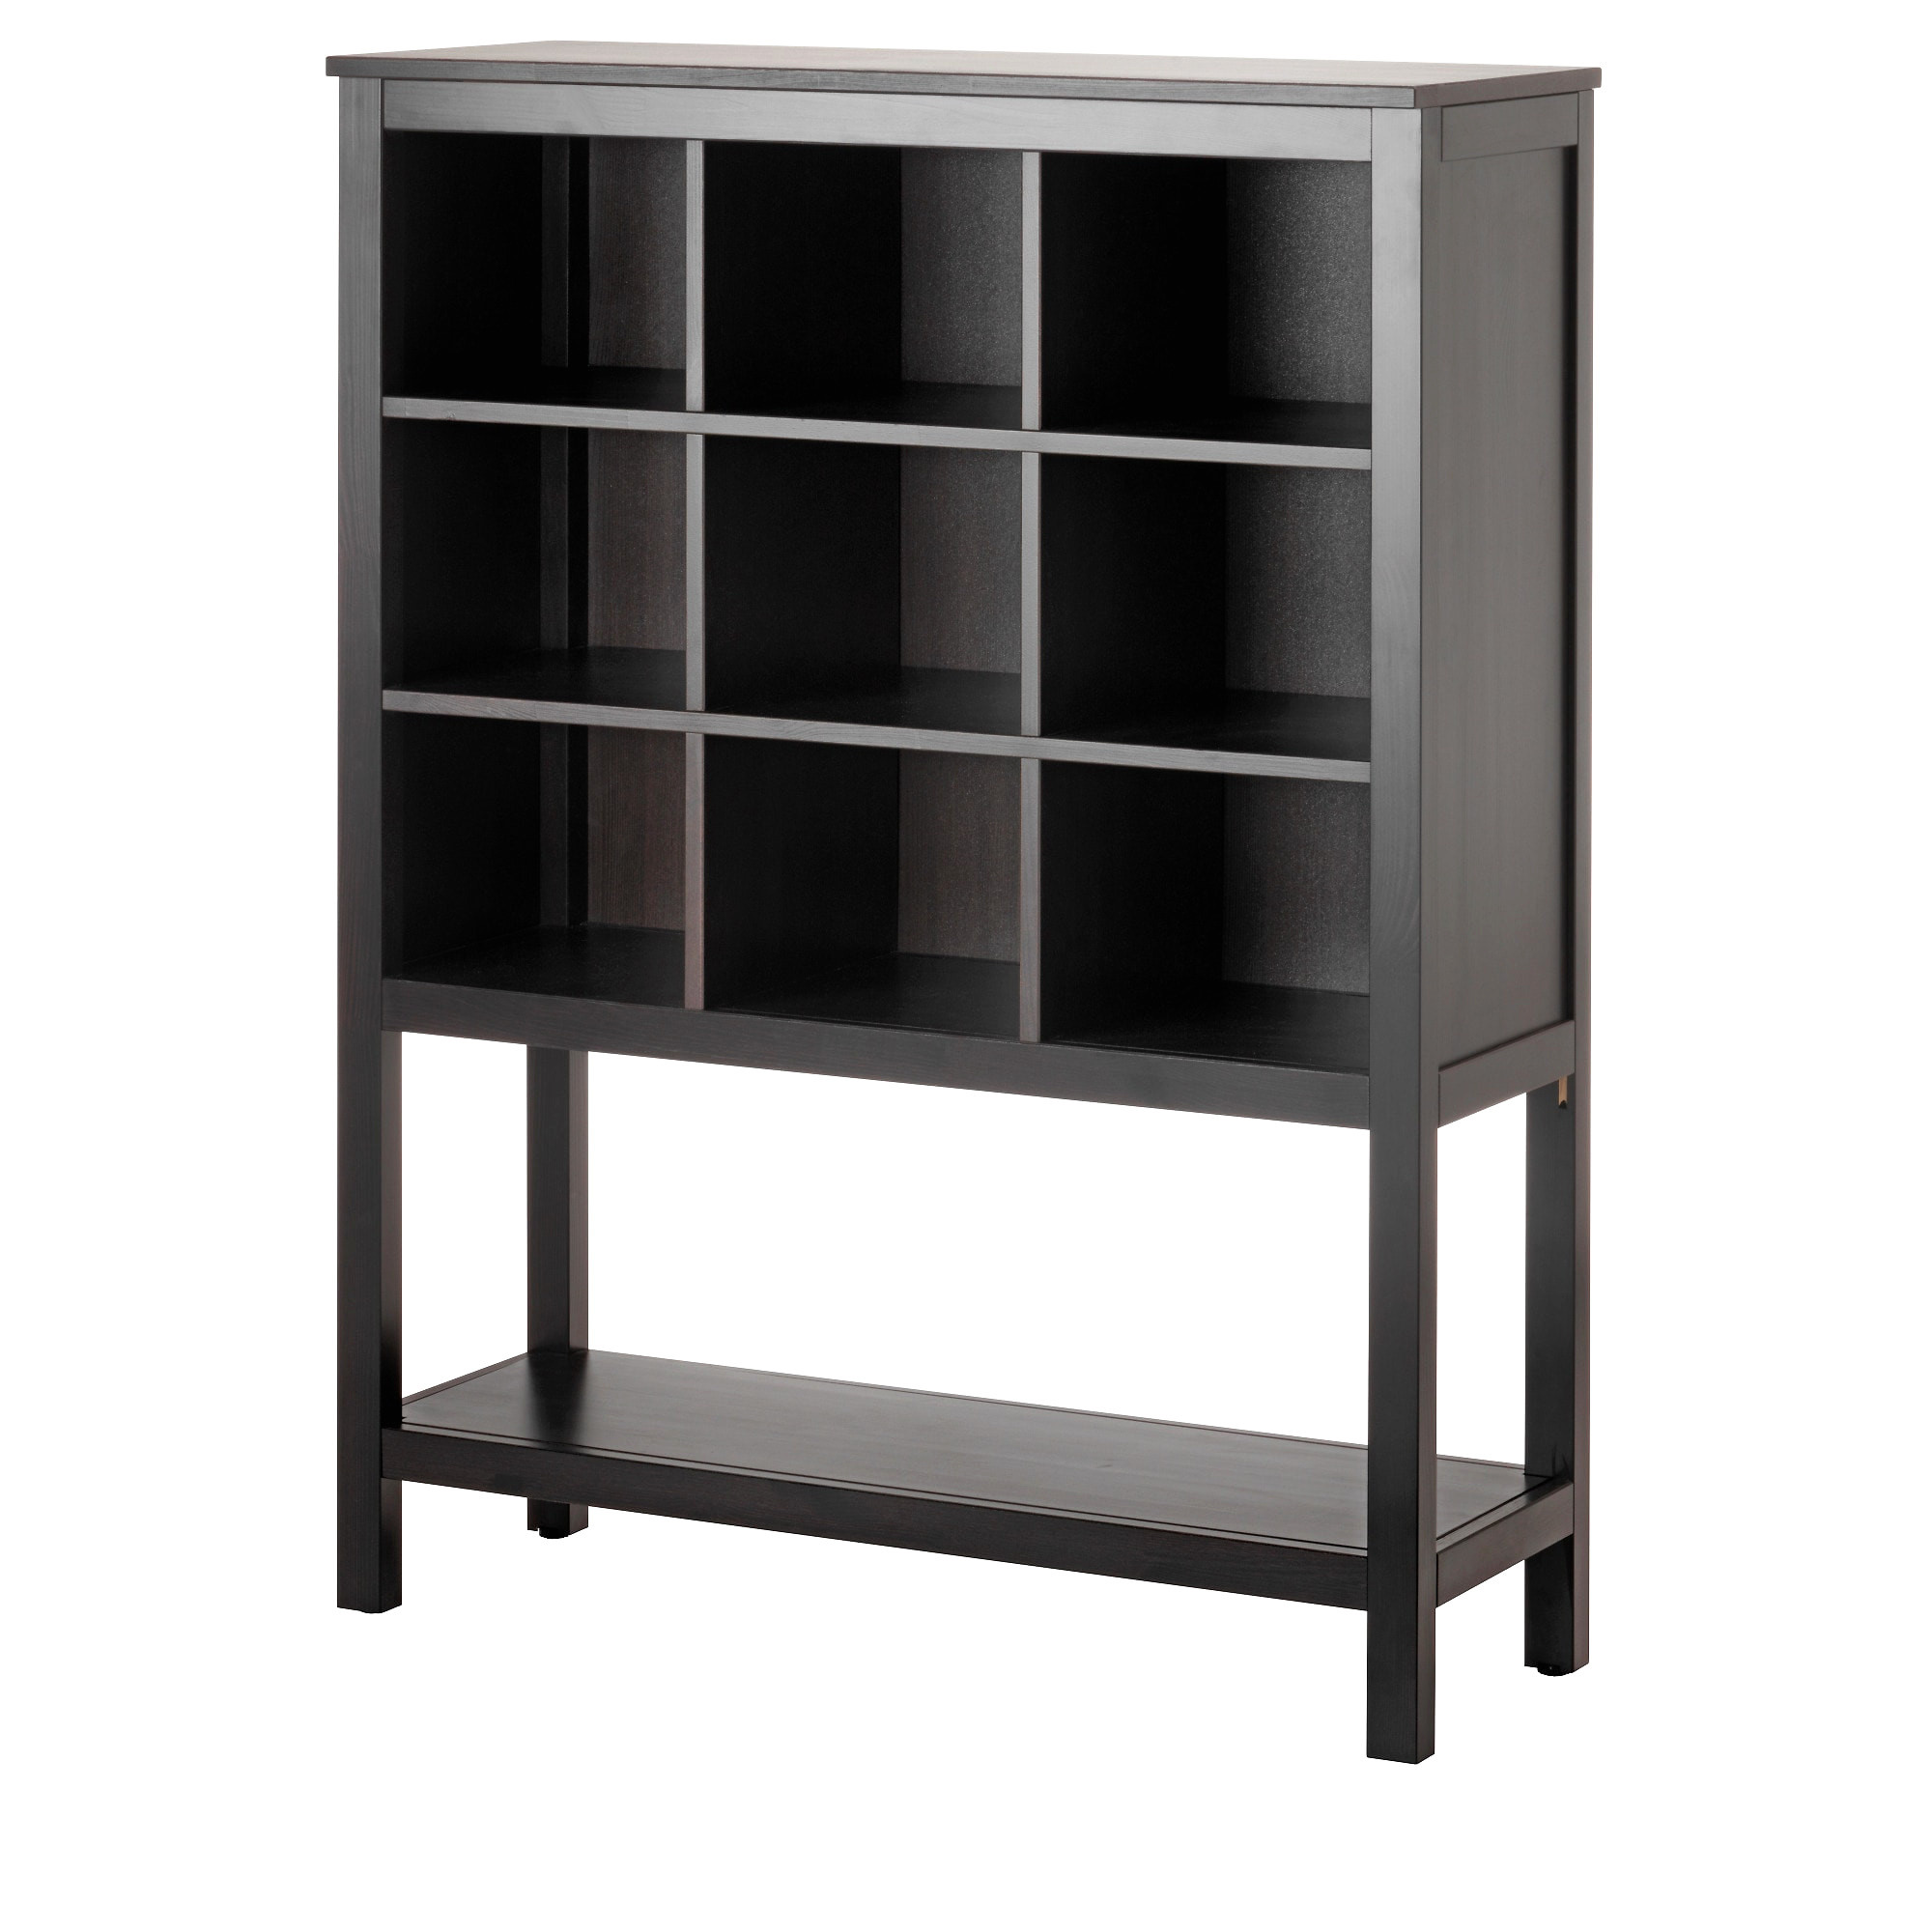 Ikea Brimnes Wardrobe with 3 Doors Black Rack Schrank